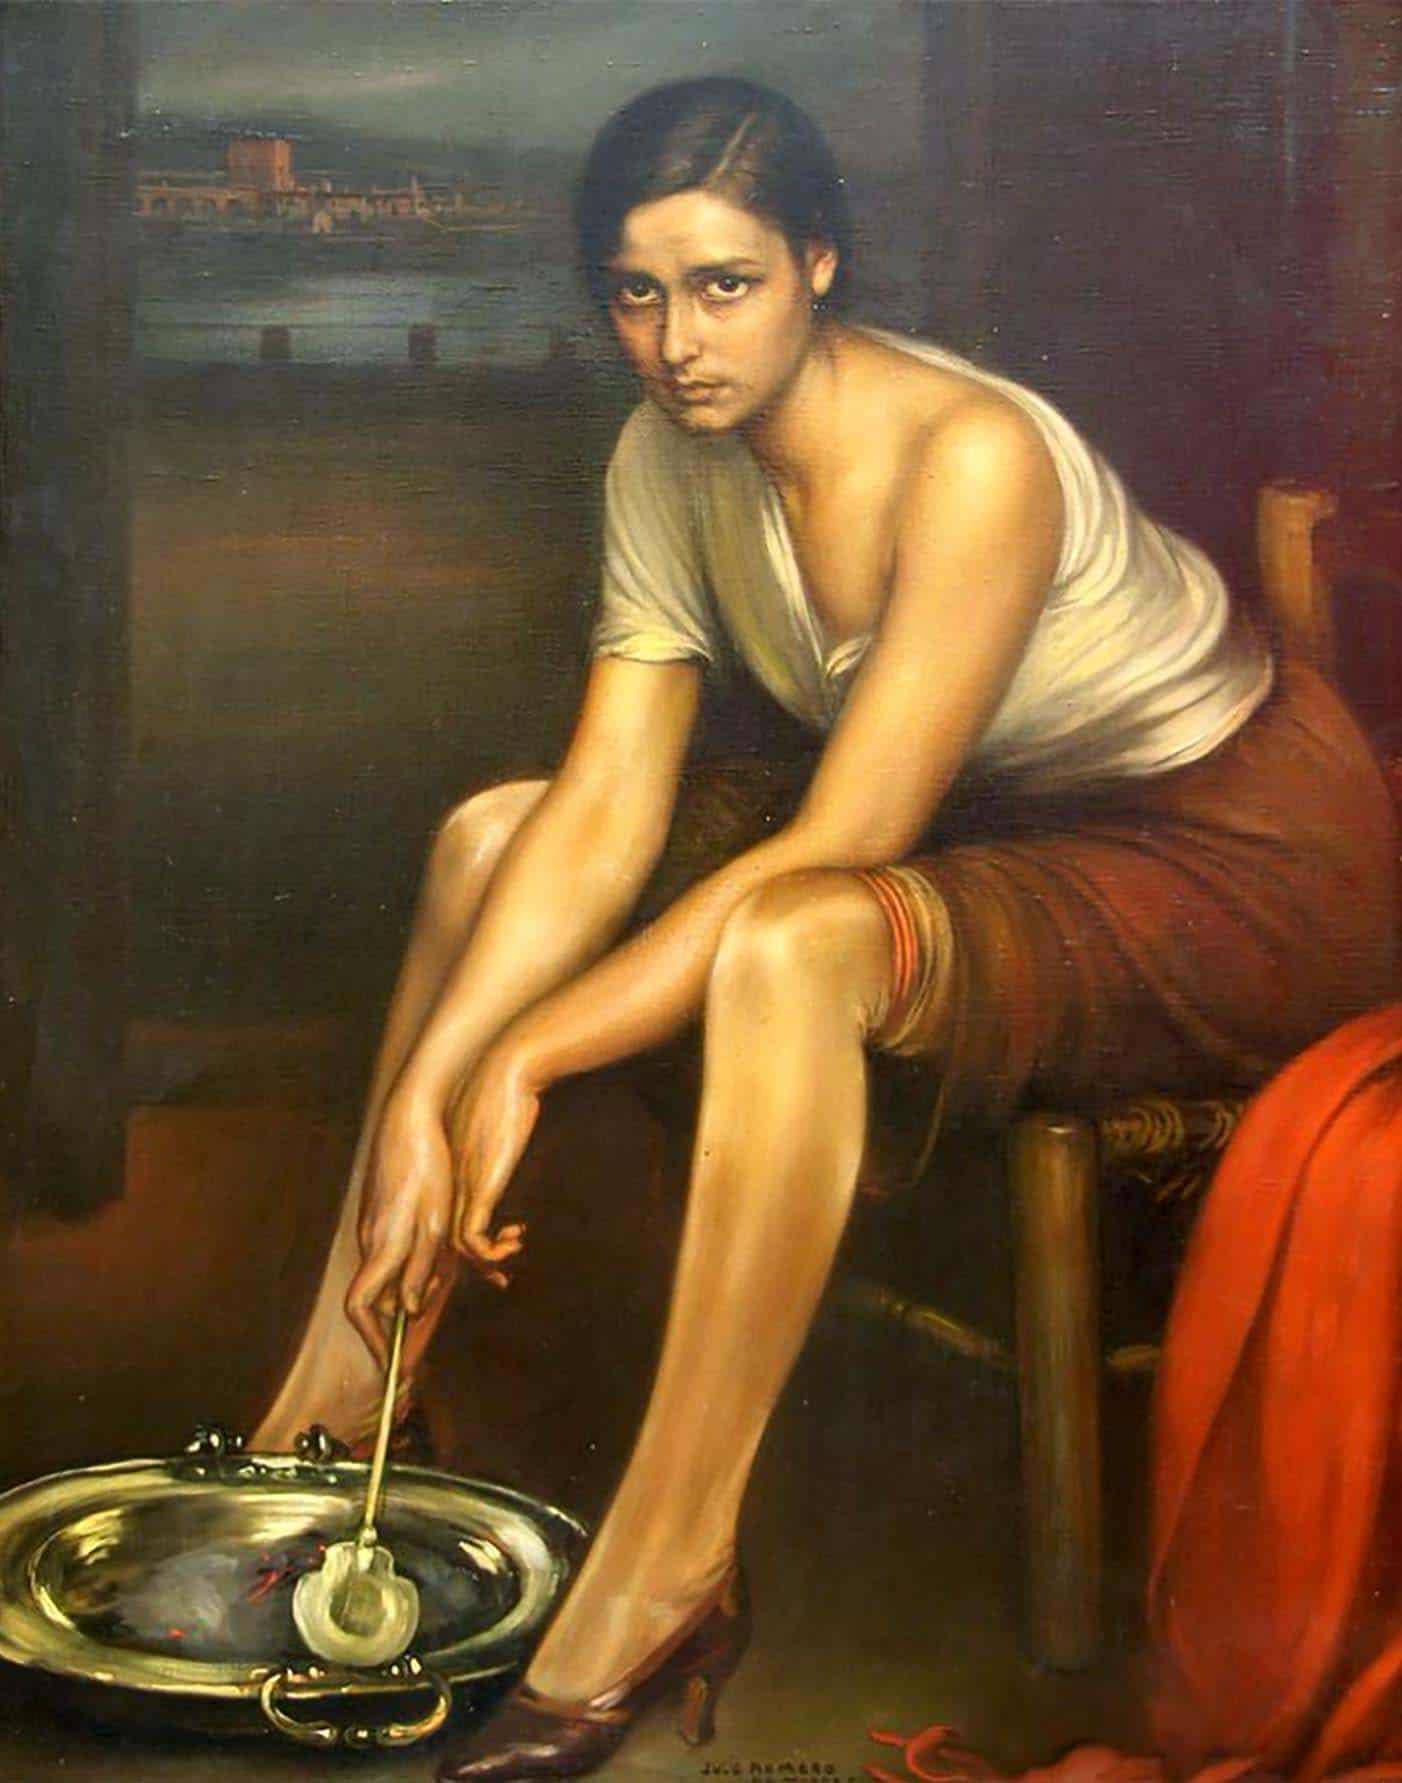 Image of La Chiquita Piconera painting, by Julio Romero de Torres